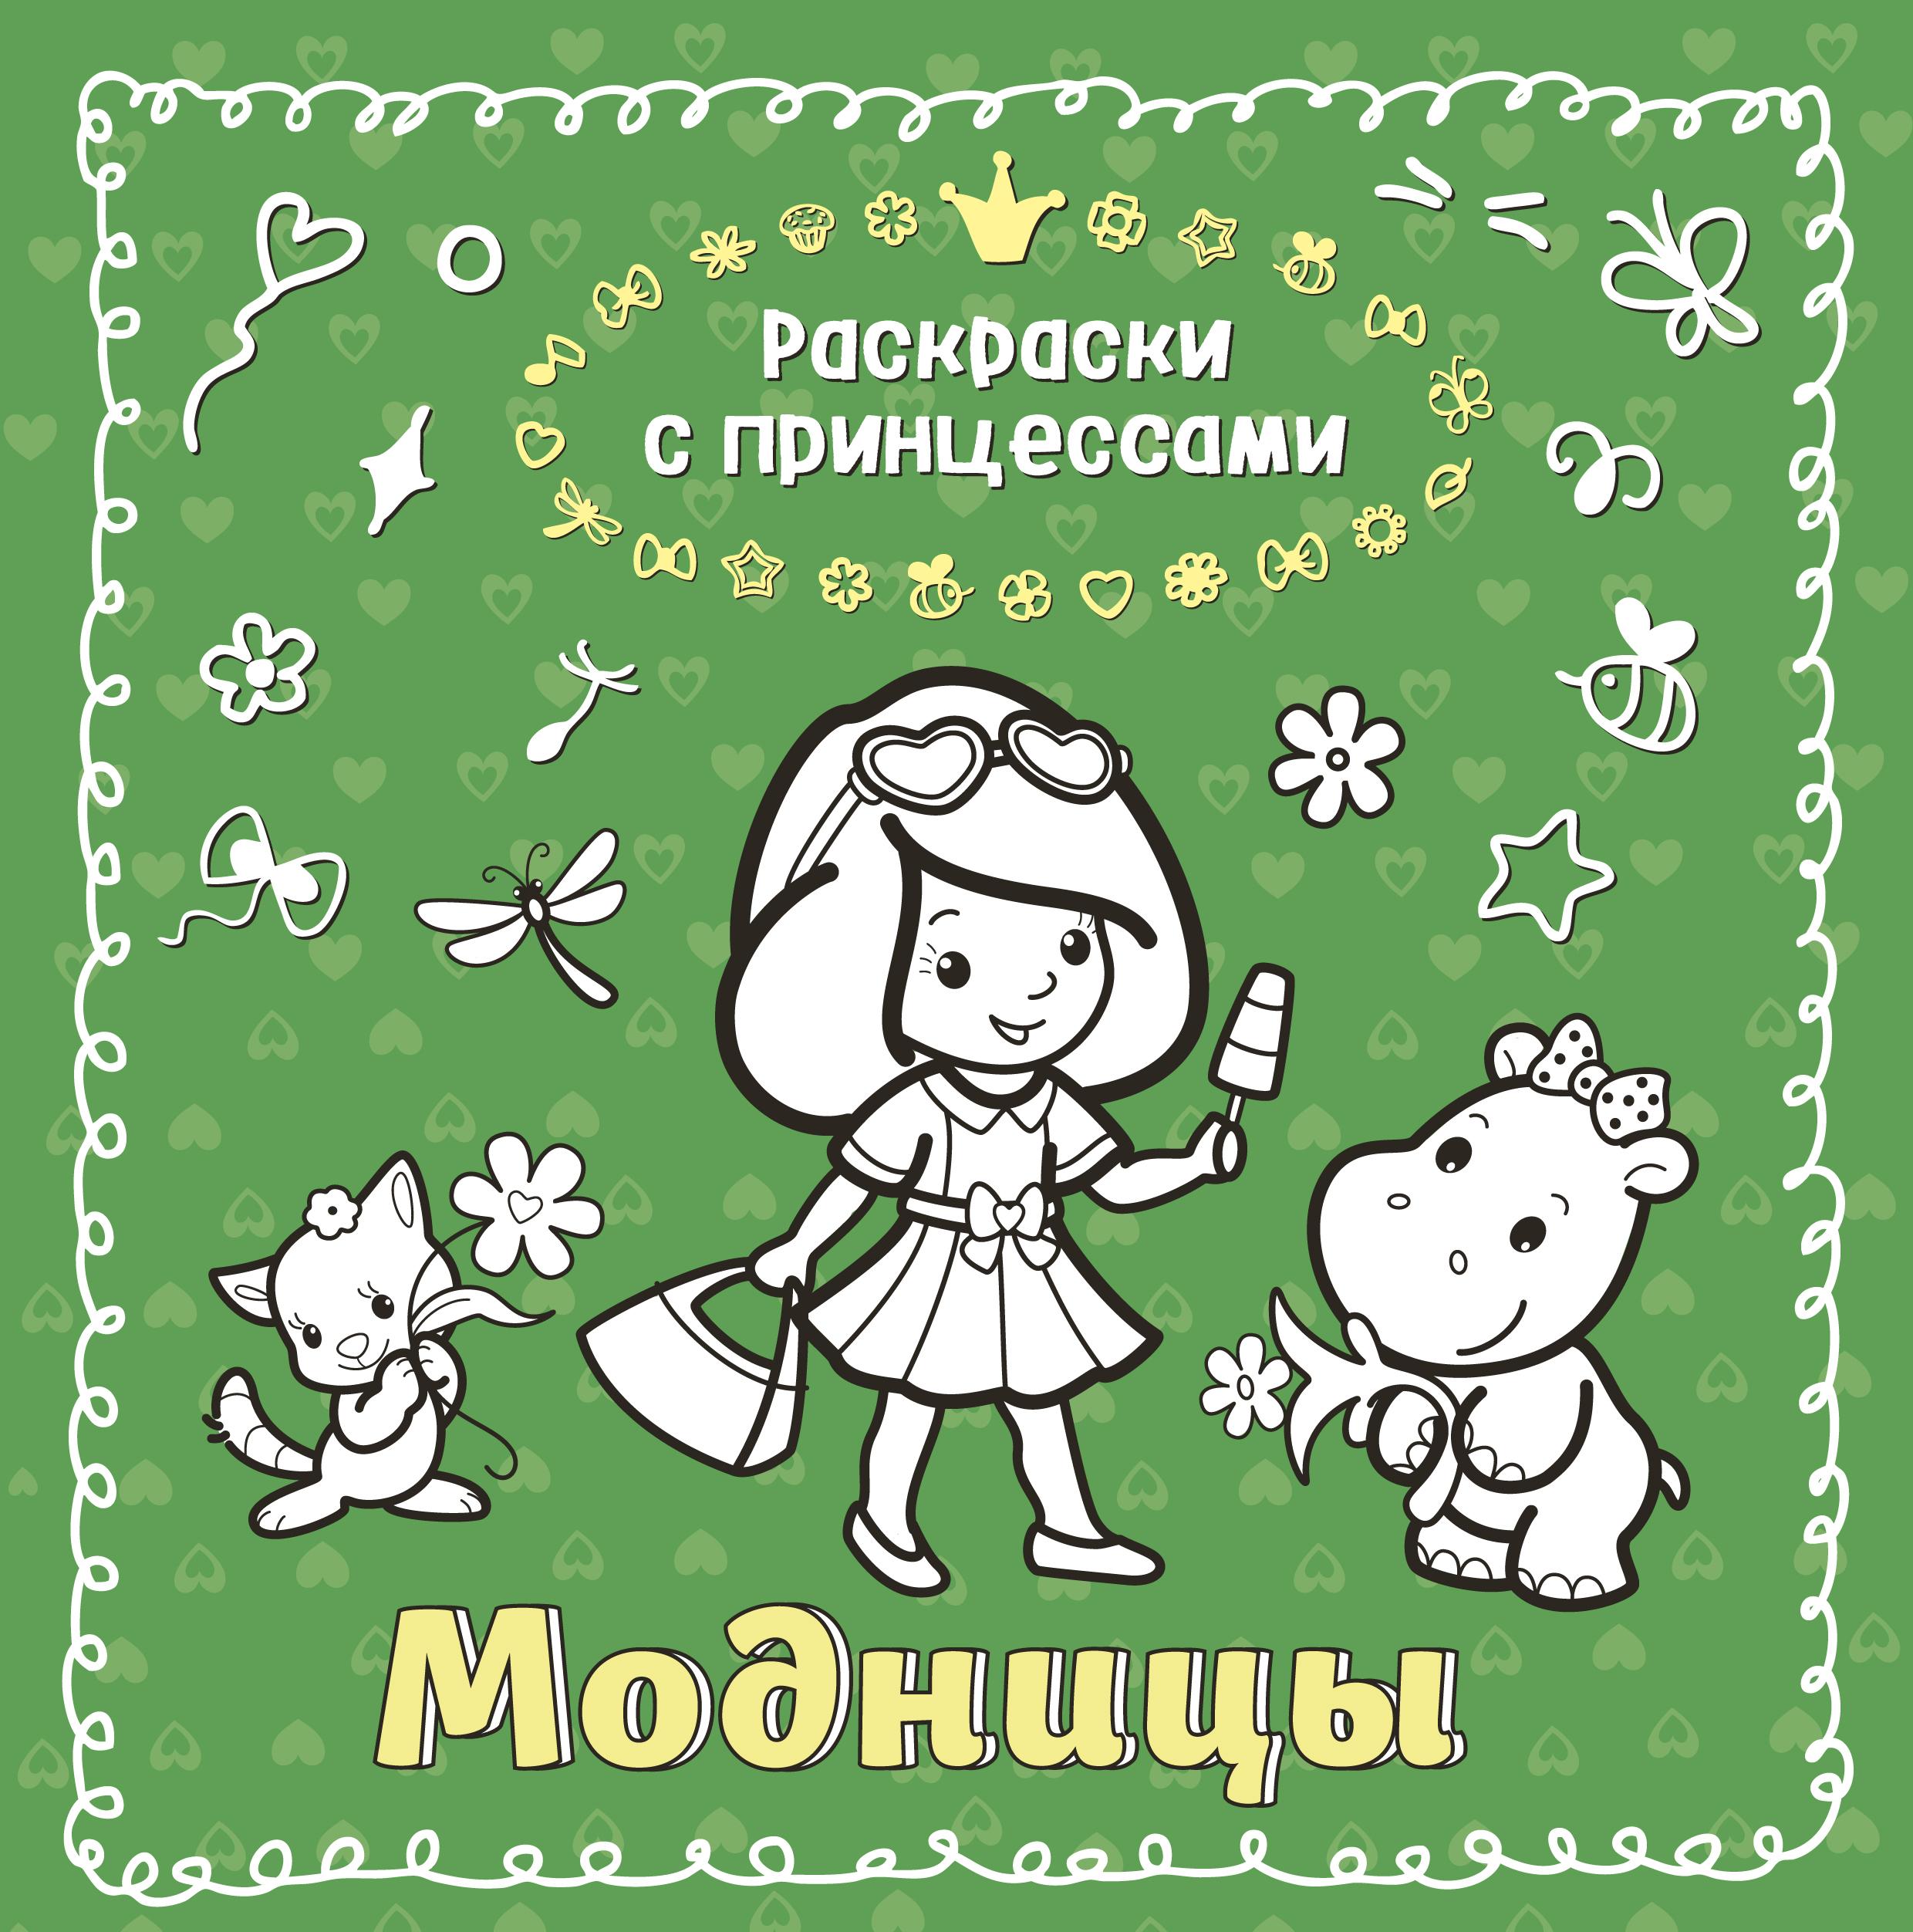 Кондратьева Т.В. Модницы